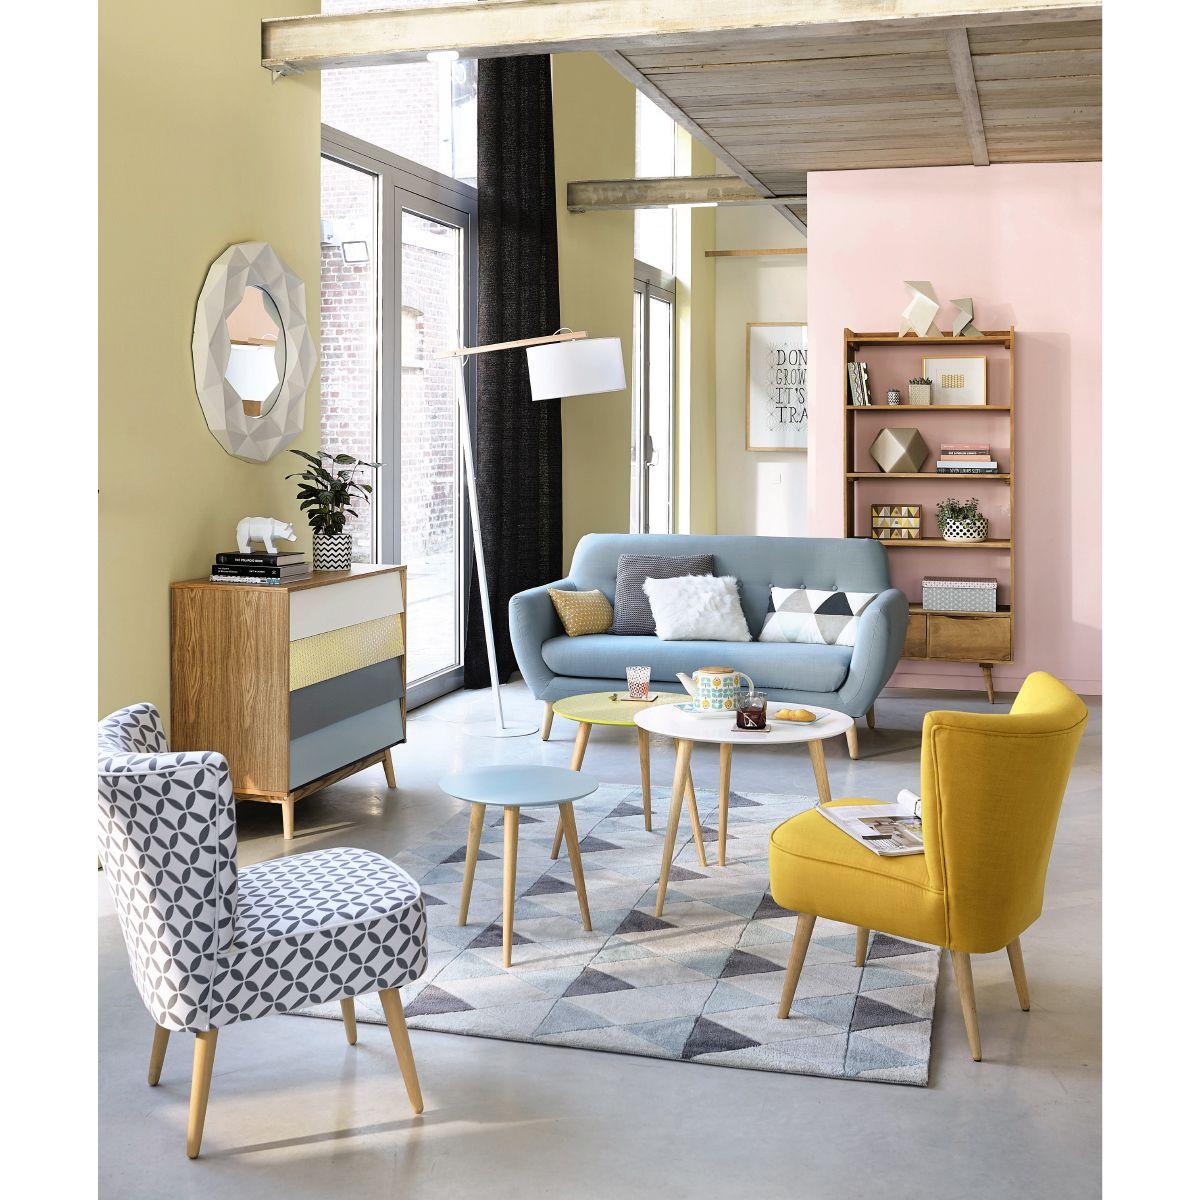 Decouvrez La Collection Meubles Decoration 2016 Maisons Du Monde Dans Le Catalogue Interactif Mymdm Deco Maison Meuble Deco Deco Interieure